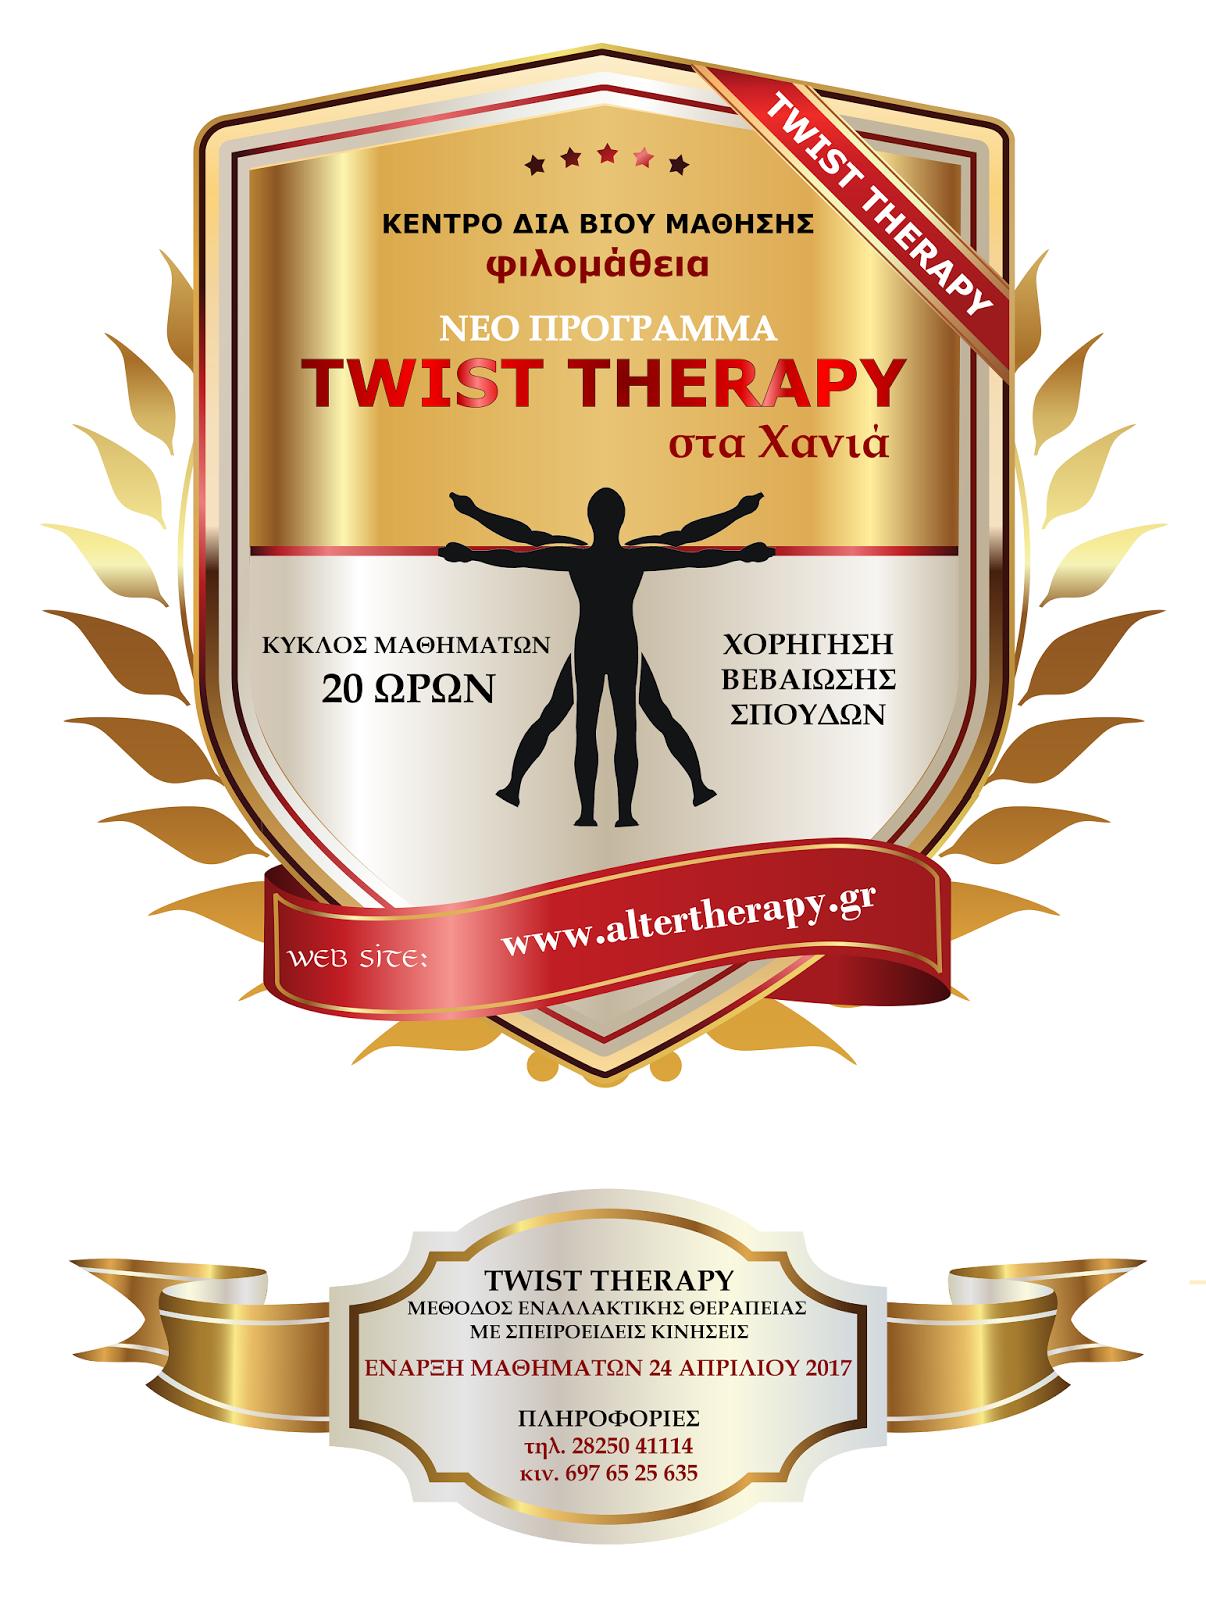 Μαθήματα Twist Therapy στα Χανιά